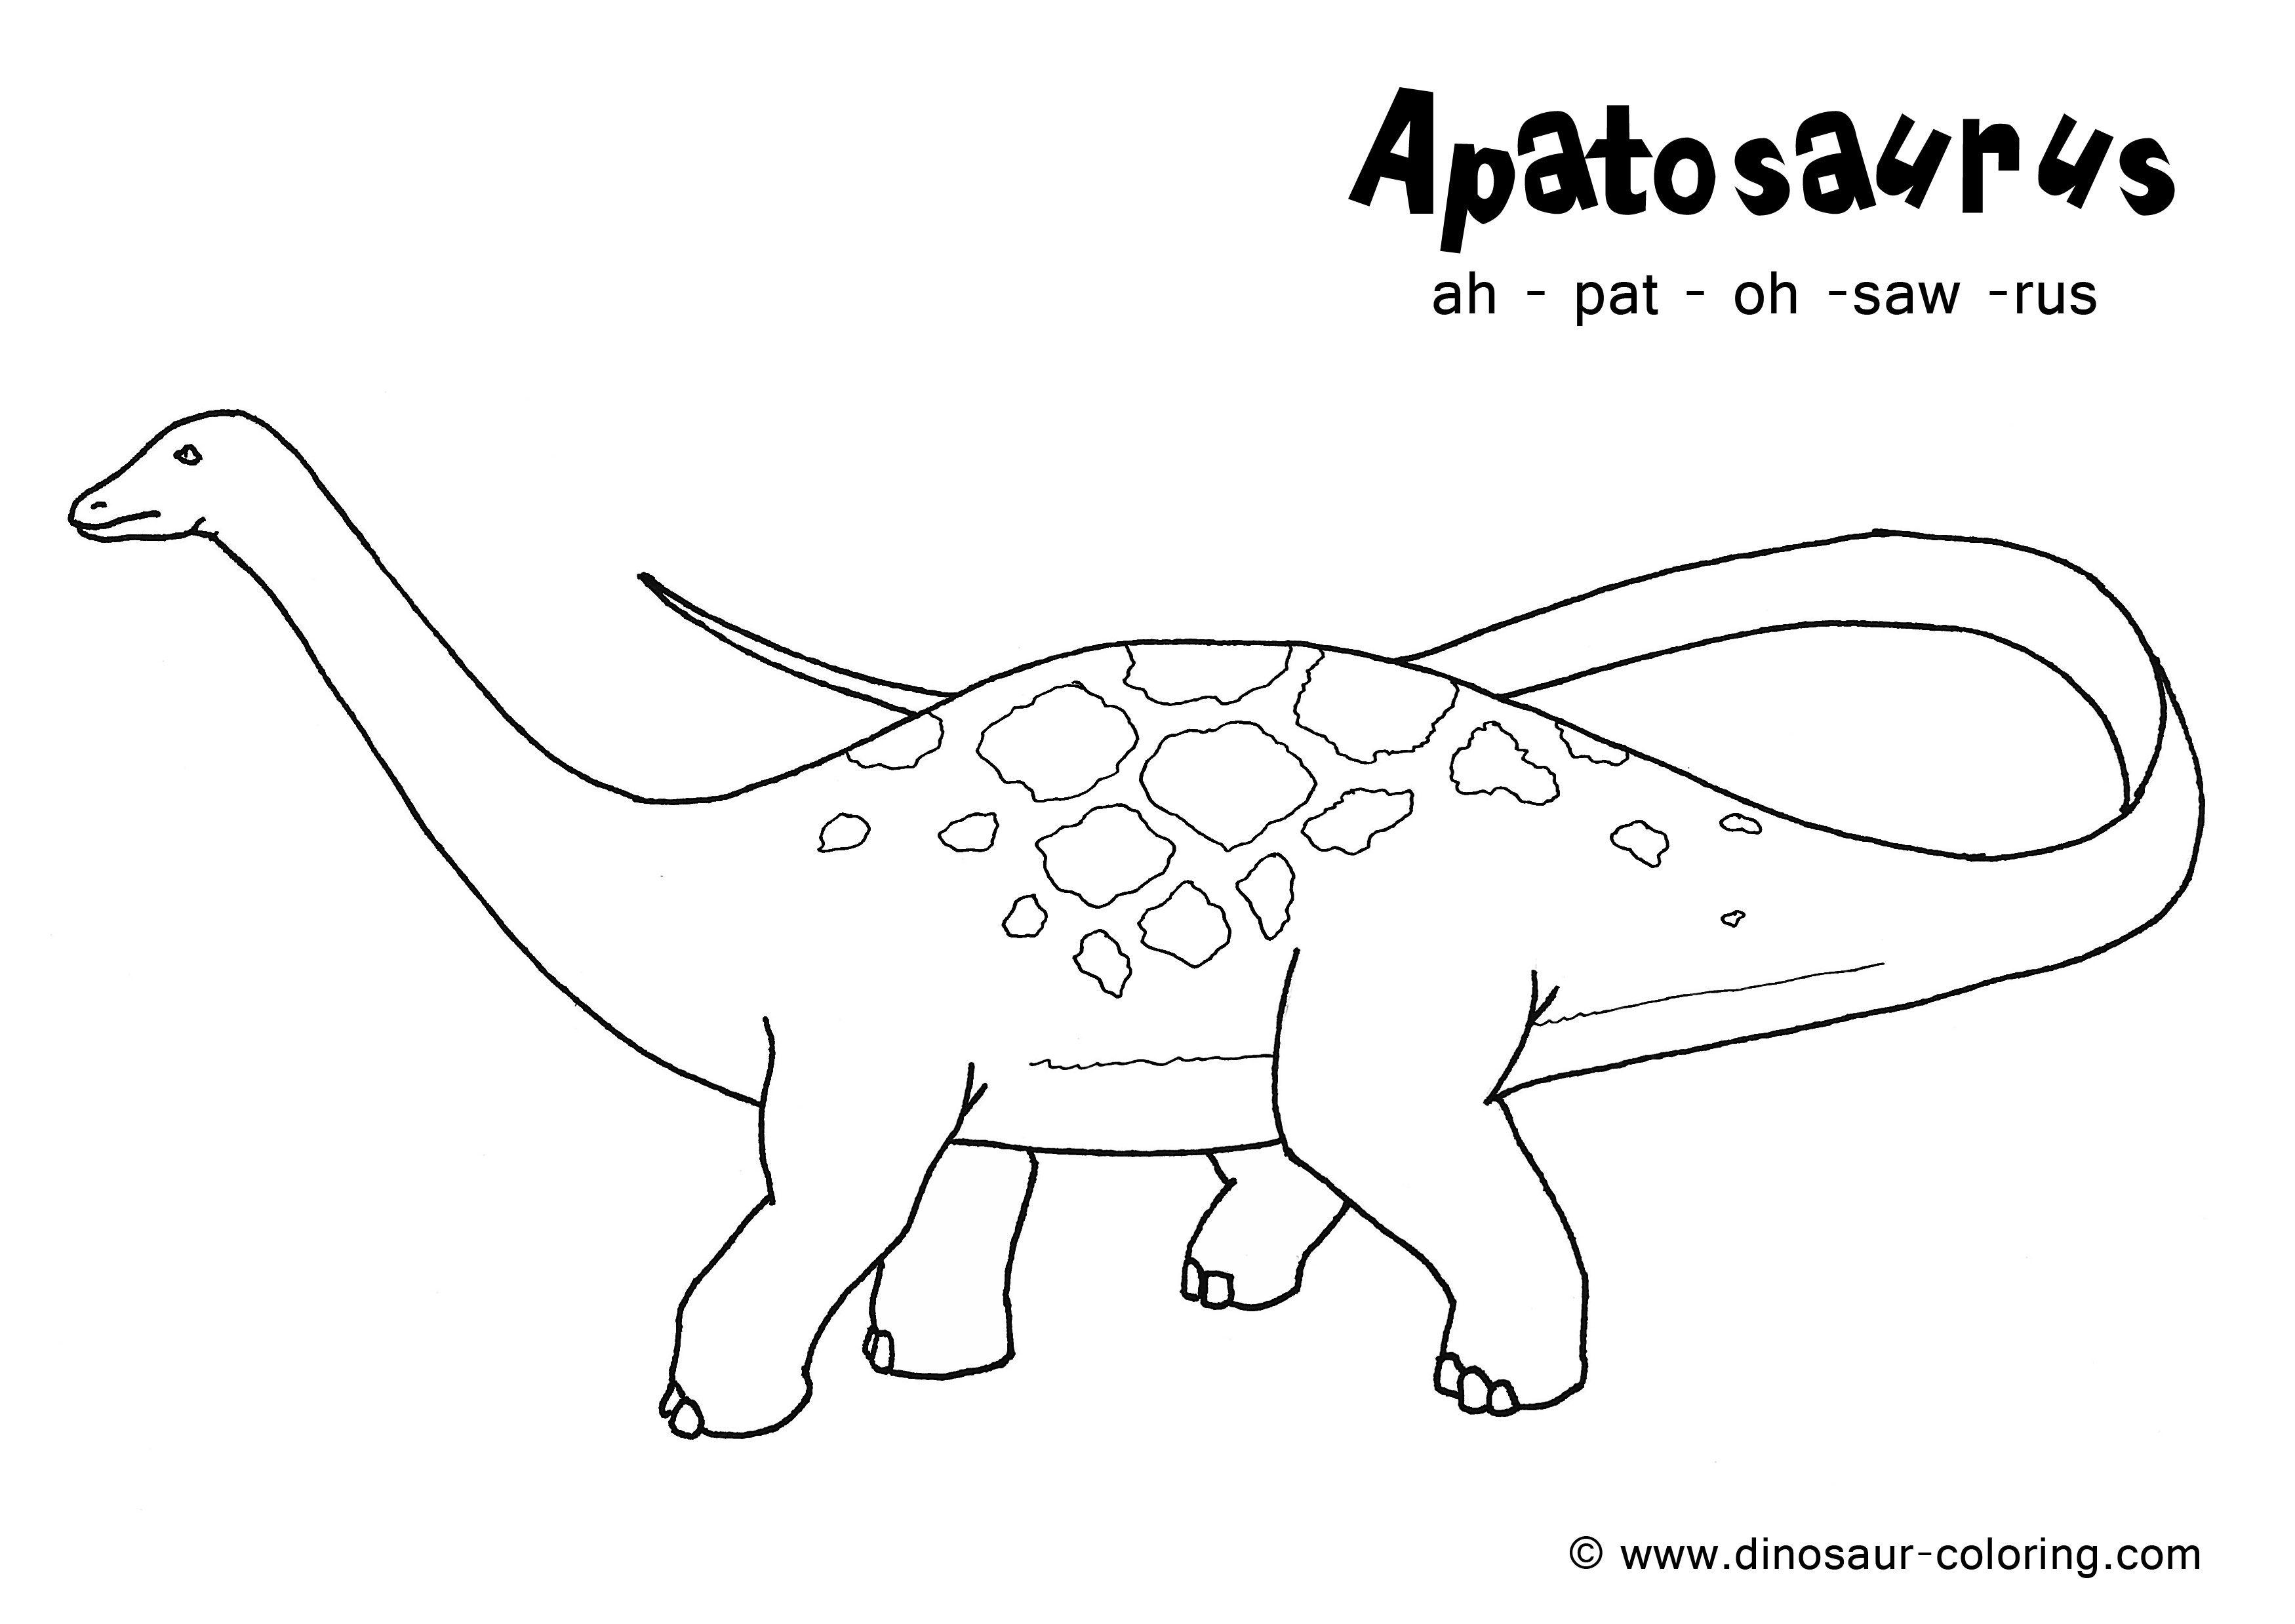 Apatosaurus Dinosaur coloring, Dinosaur coloring pages